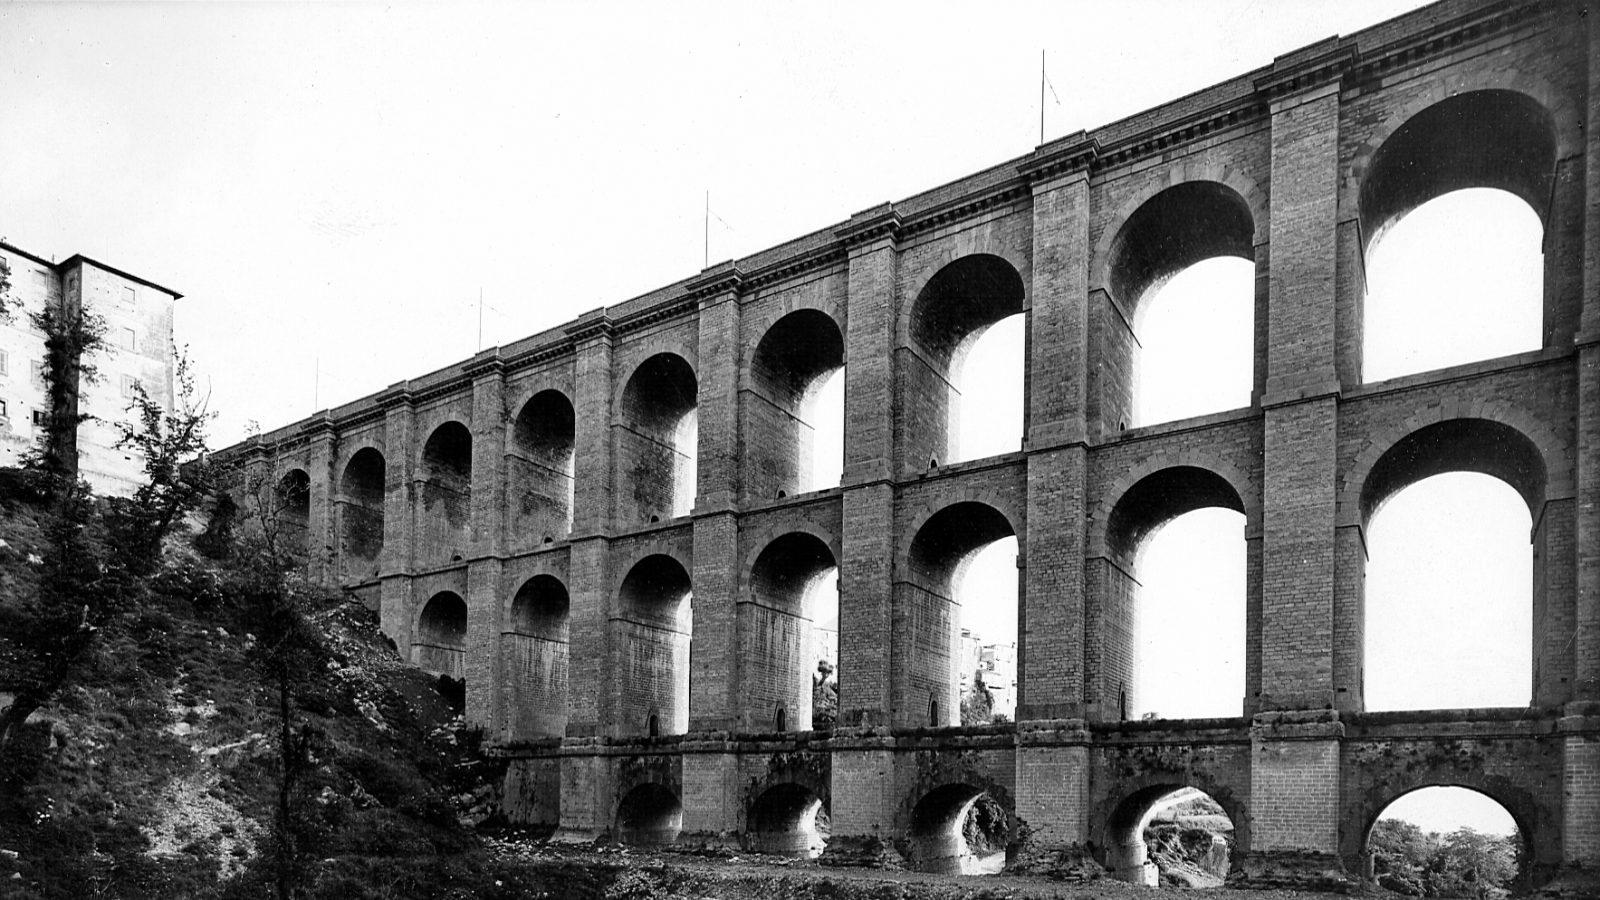 """Strada statale 7 """"Via Appia"""", ricostruzione del ponte di Ariccia 1946-1948 (Archivio storico Anas)"""